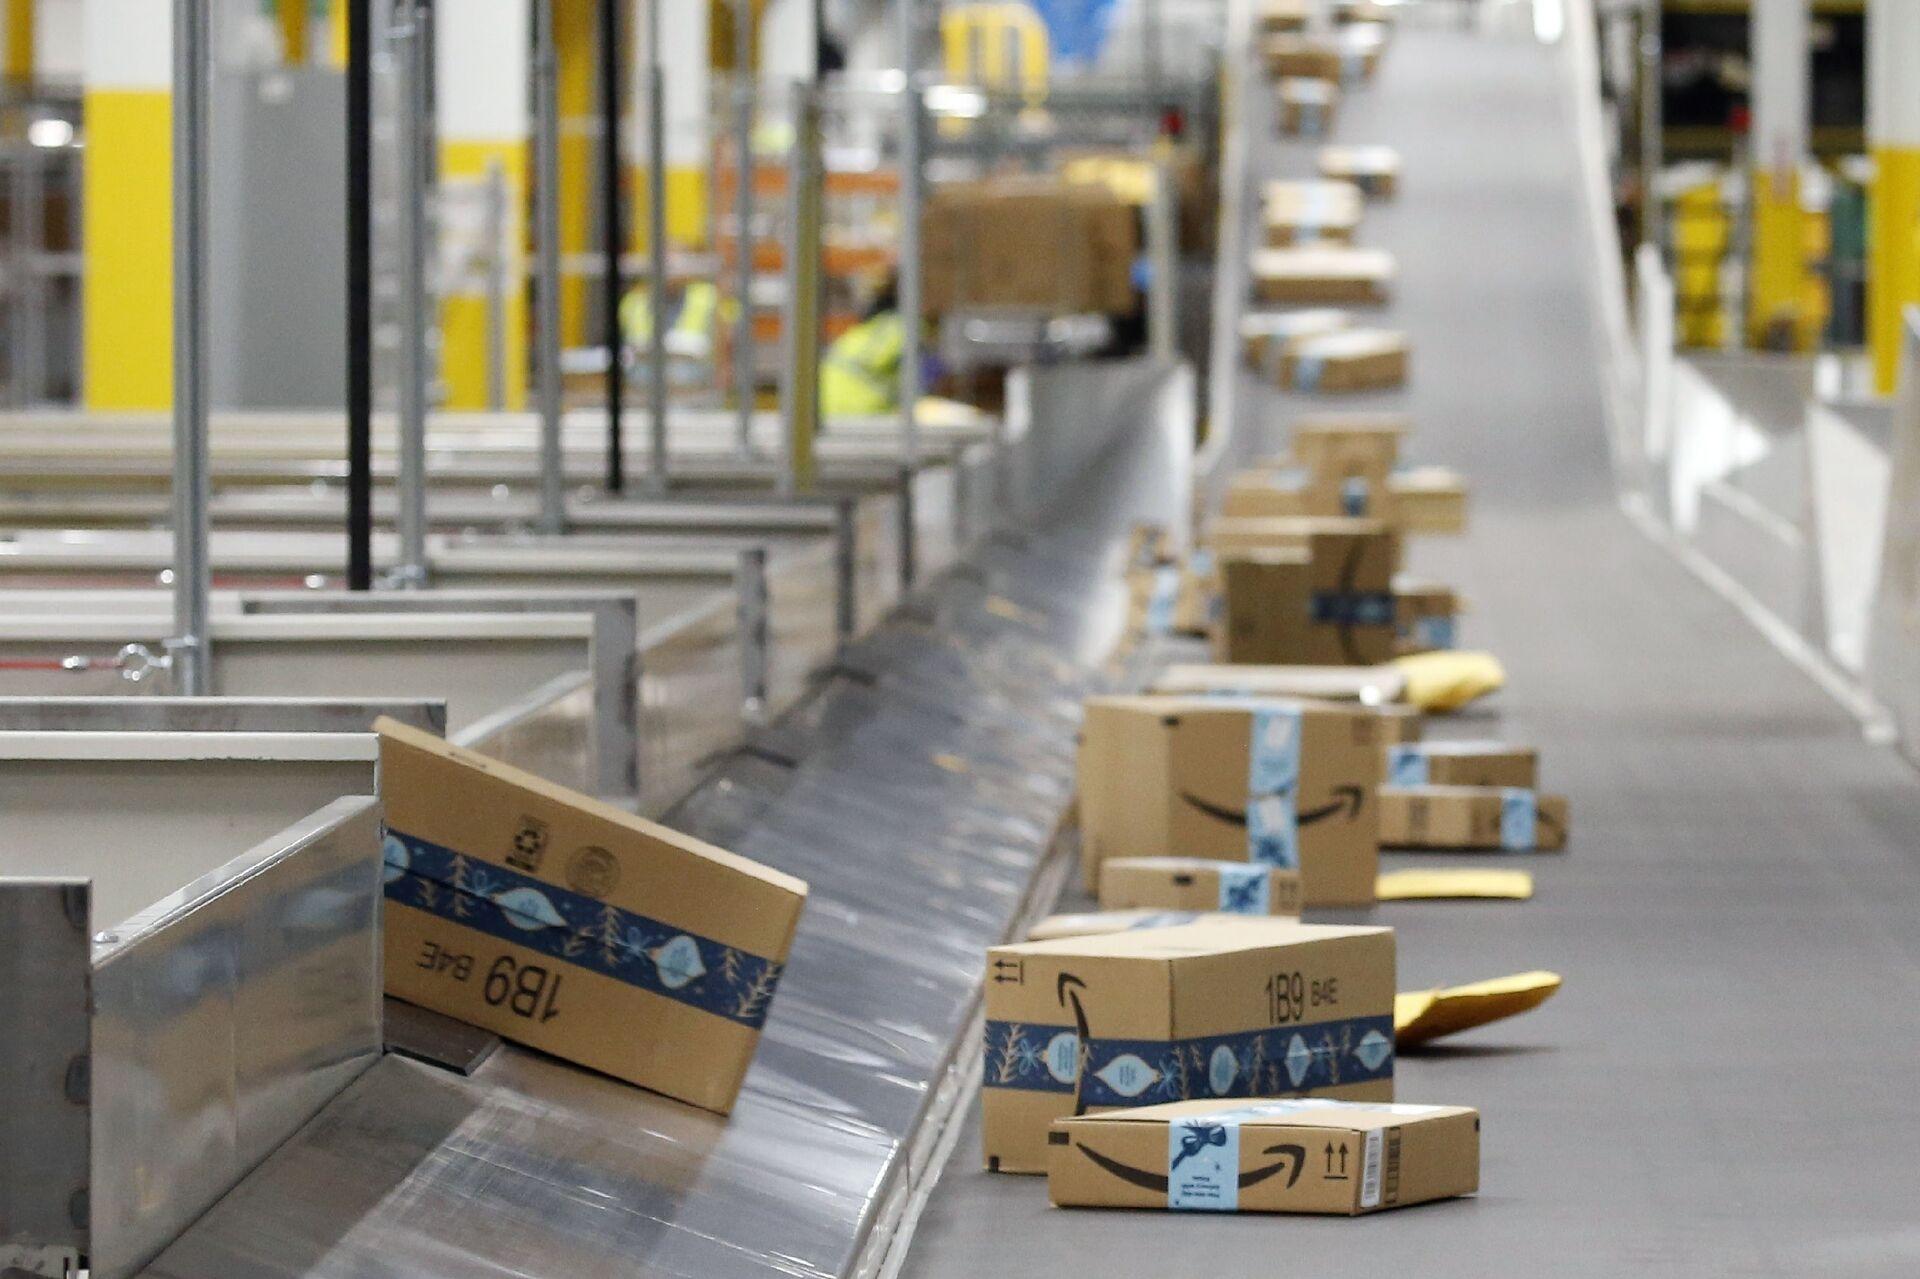 """Amazon: 22 marzo è primo sciopero, trattativa con l'azienda """"si è interrotta bruscamente - Sputnik Italia, 1920, 11.03.2021"""